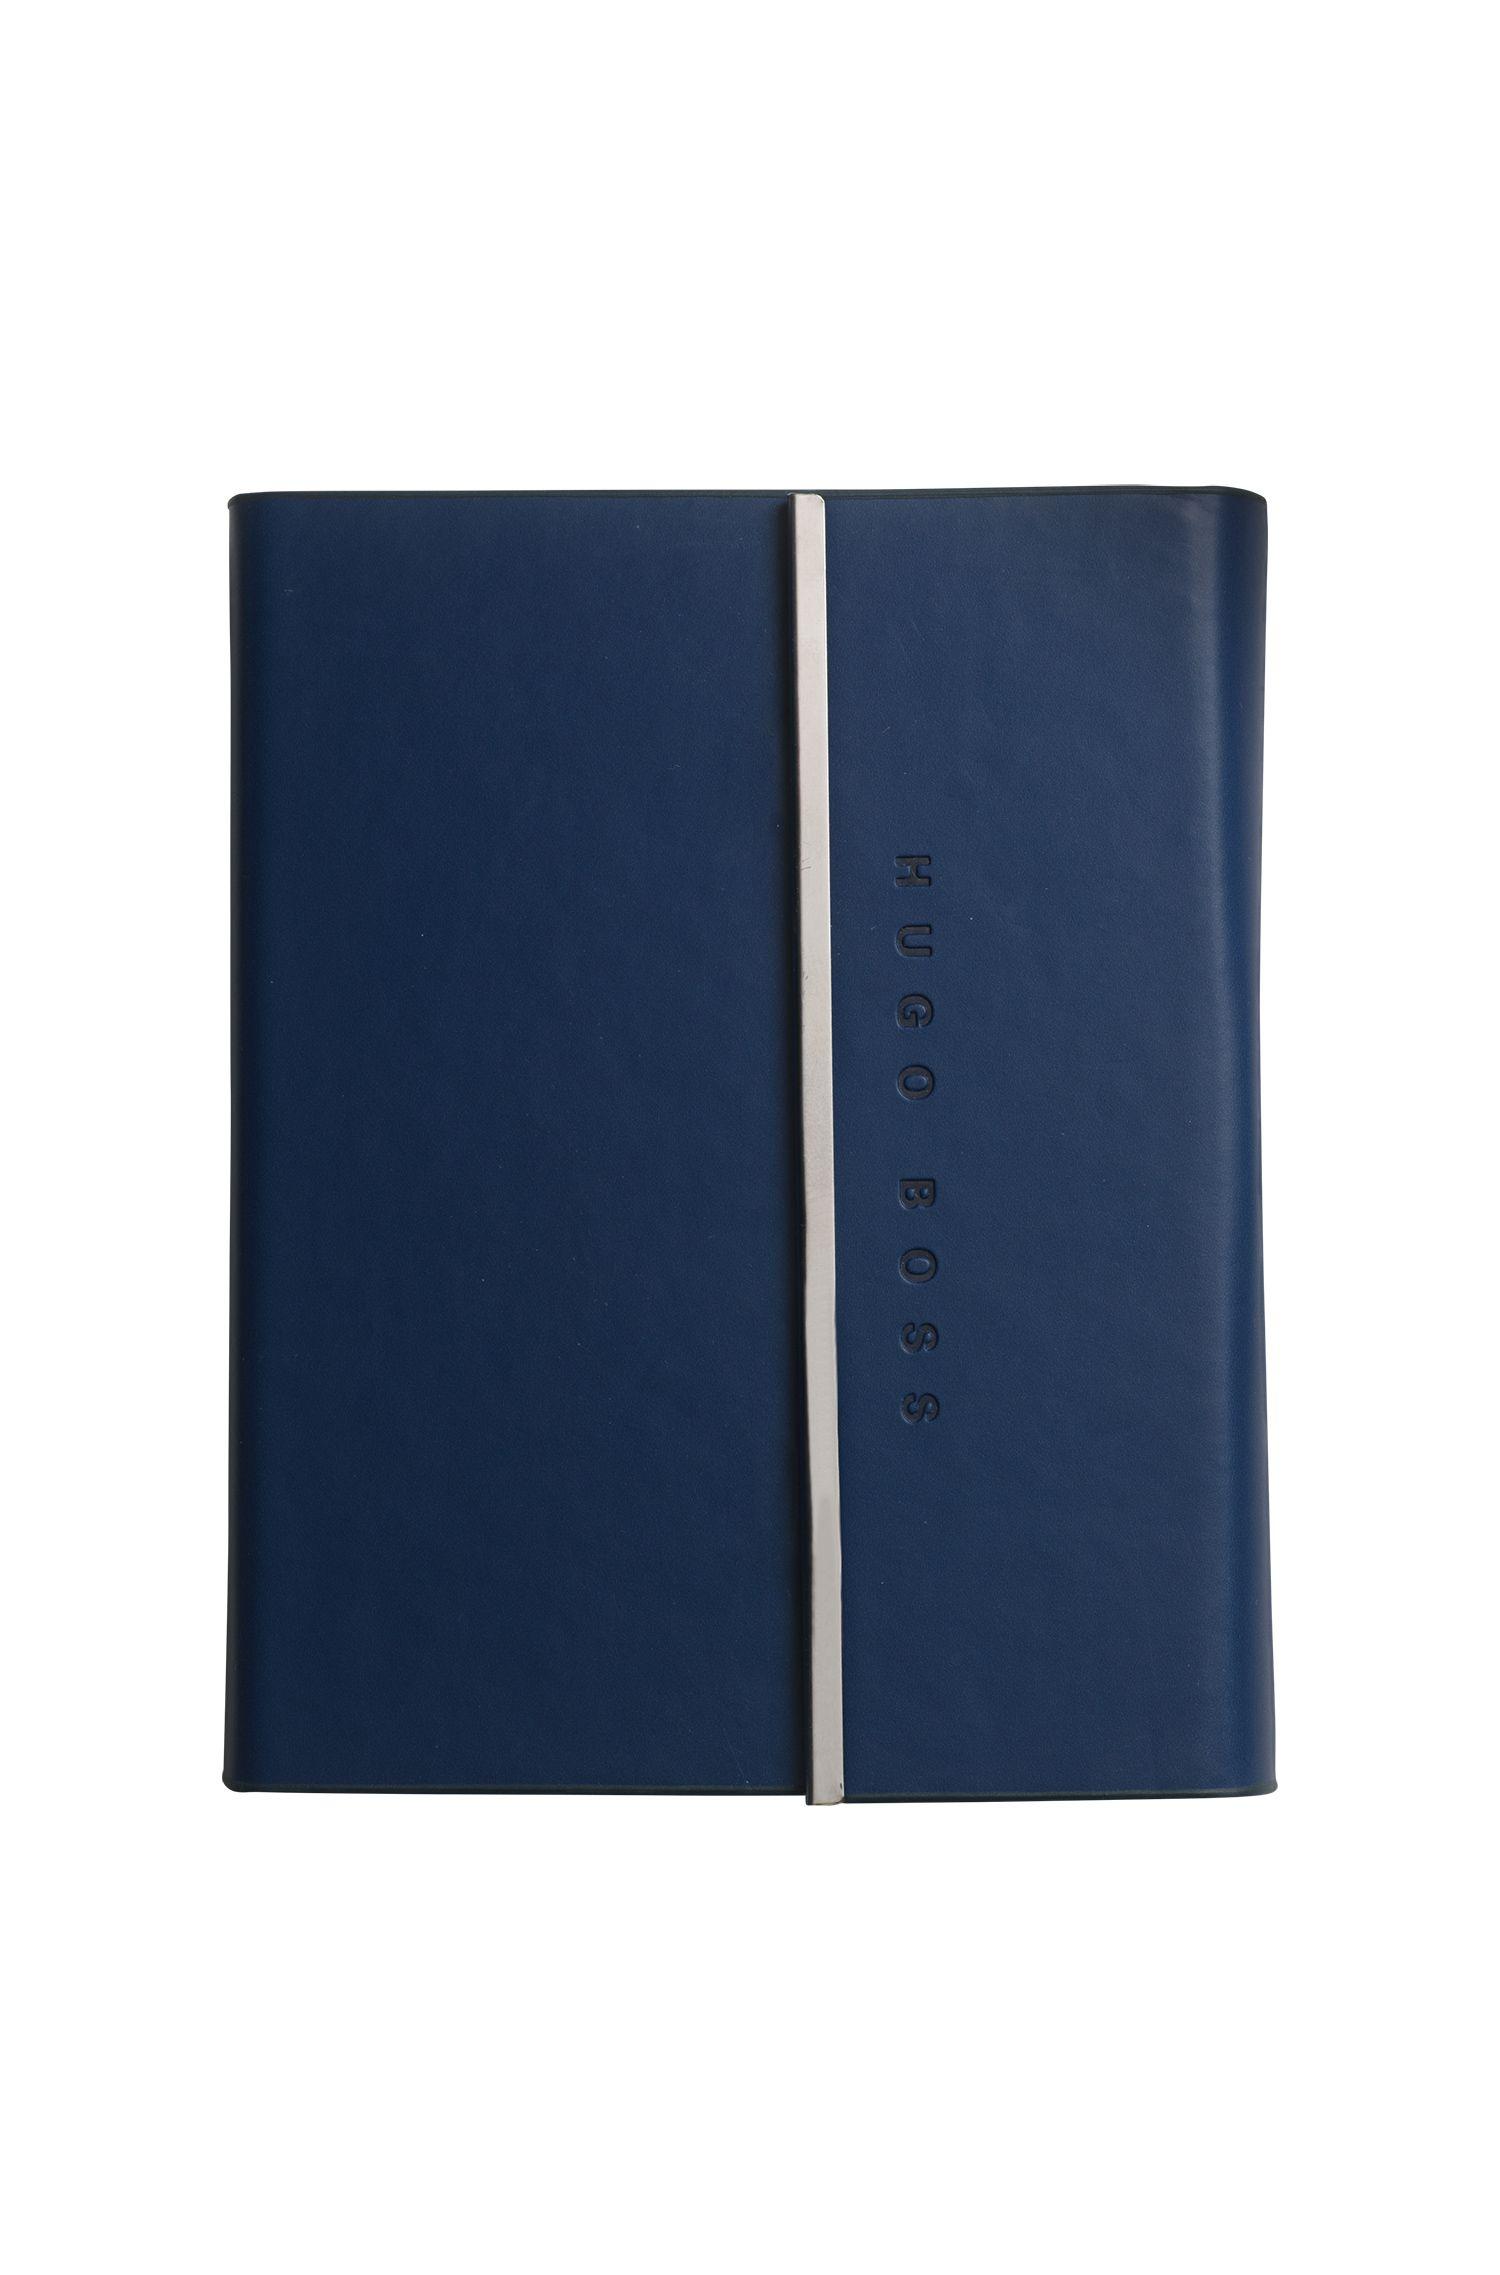 A6-notitieboek: 'Loop'